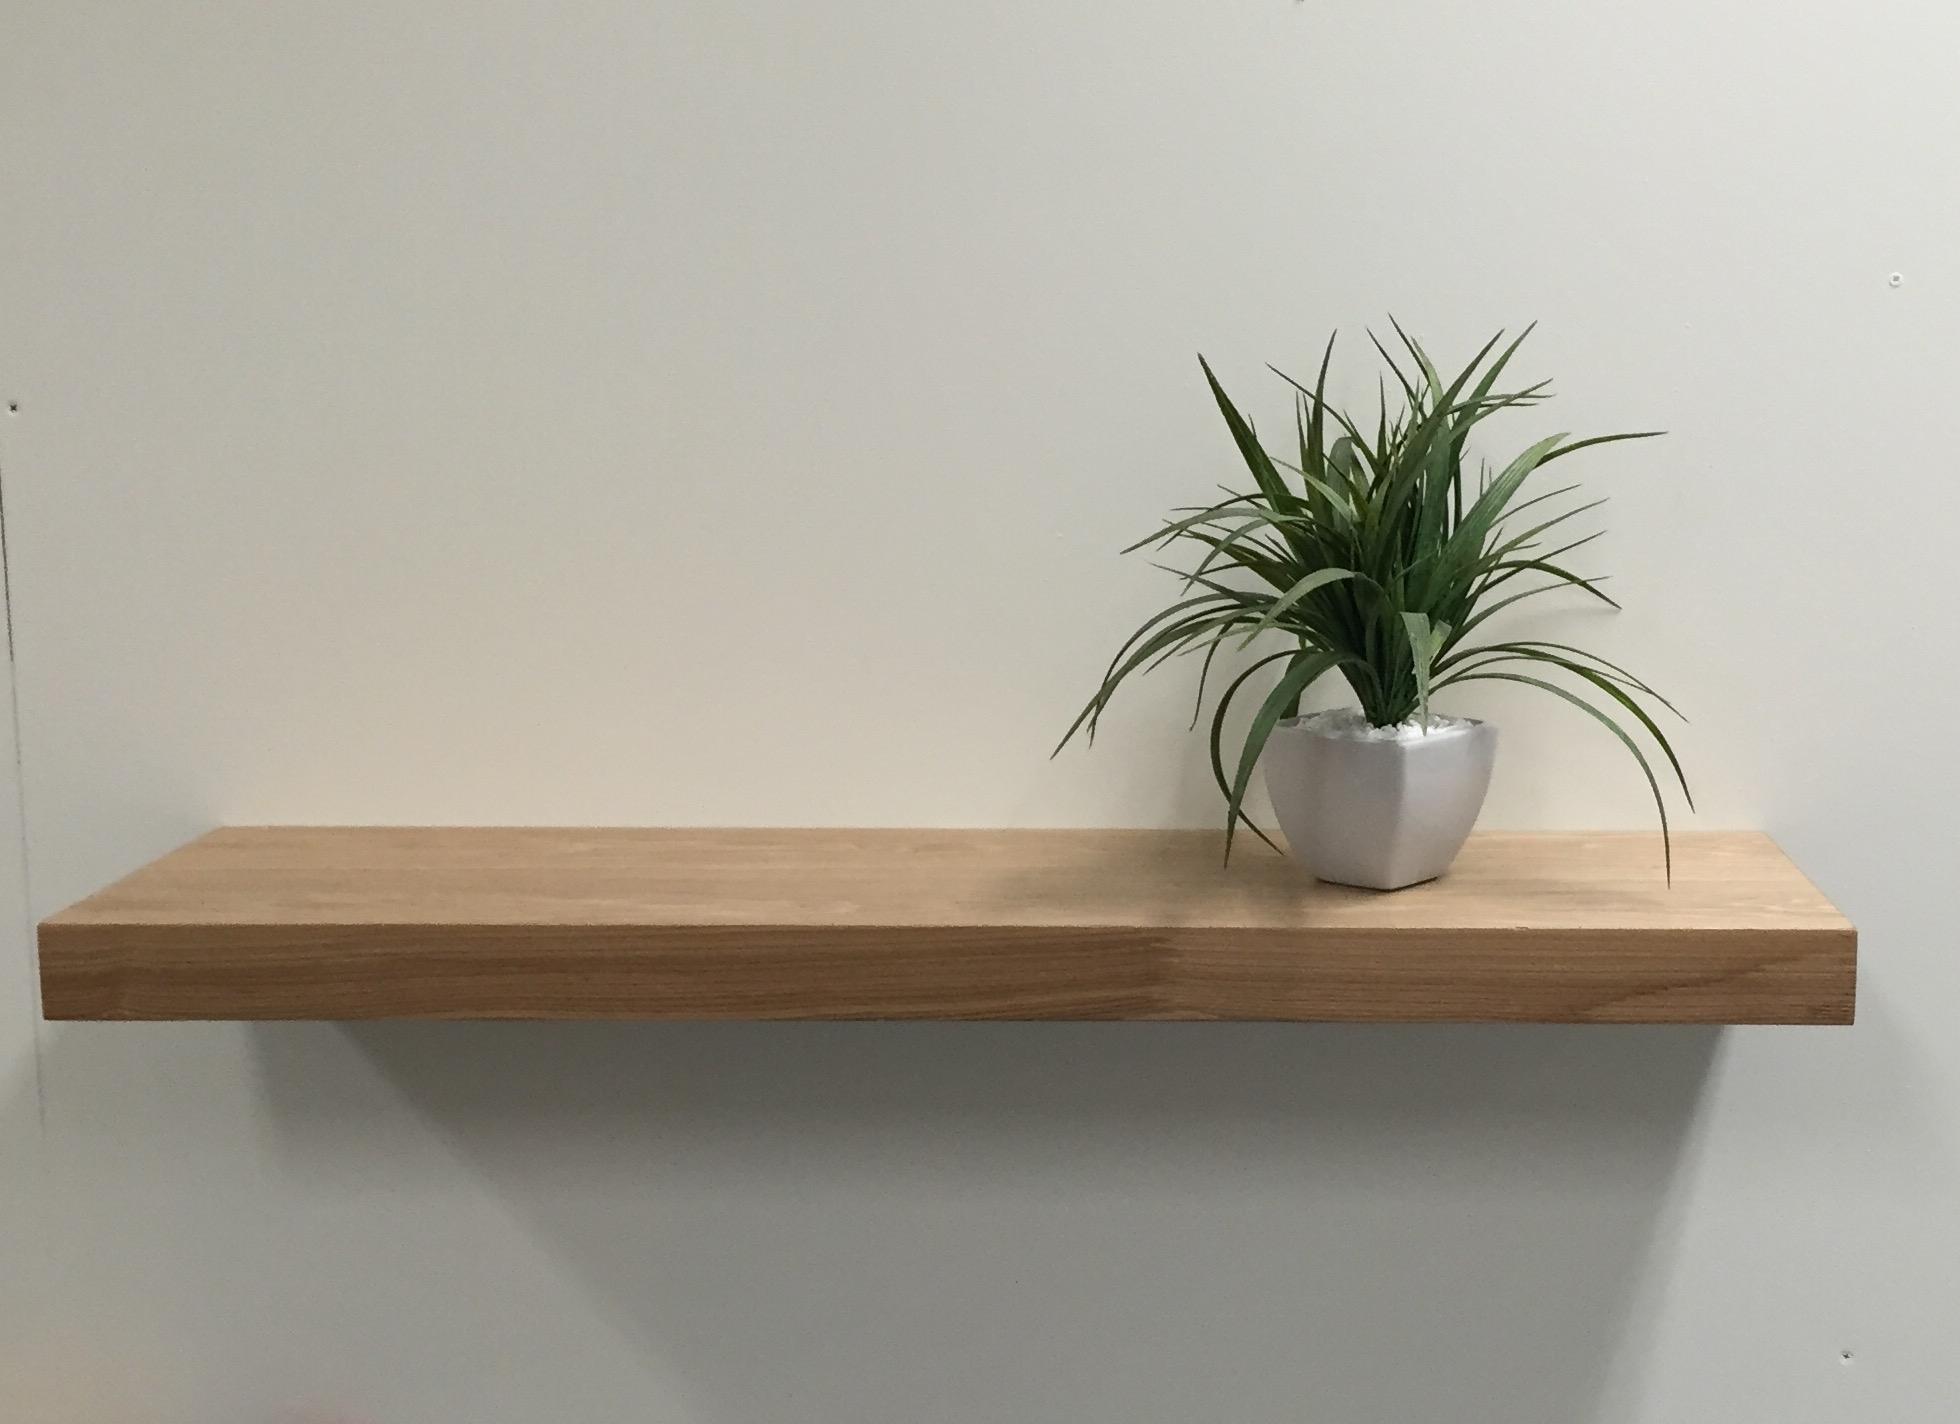 Black Floating Shelves 40cm Set Of 3 Wall Shelves Black Best With Regard To 50cm Floating Shelf (#2 of 12)